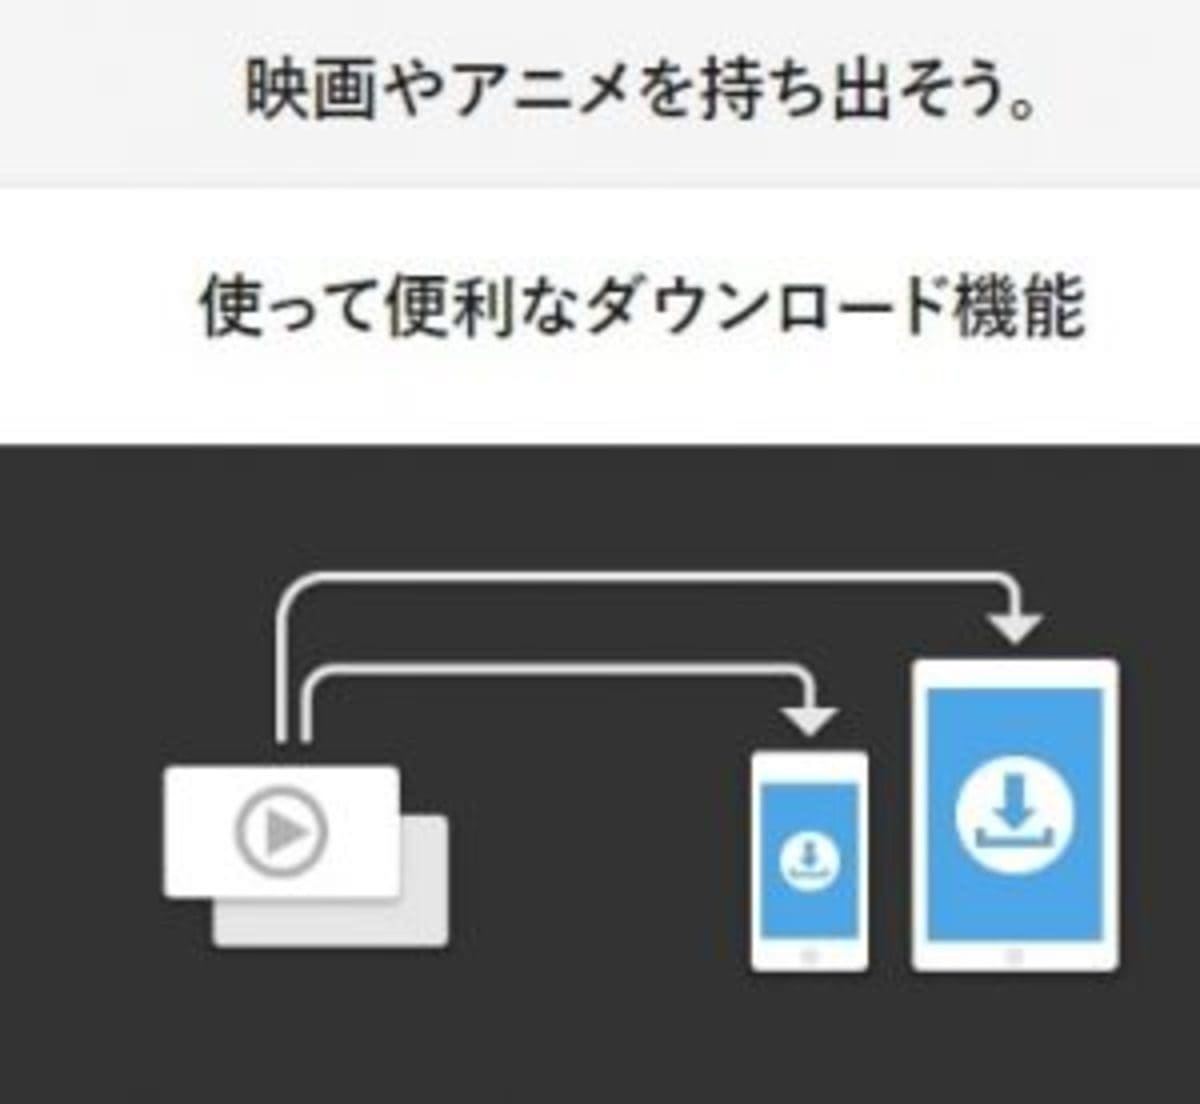 U-NEXTの動画はスマホにダウンロードできる